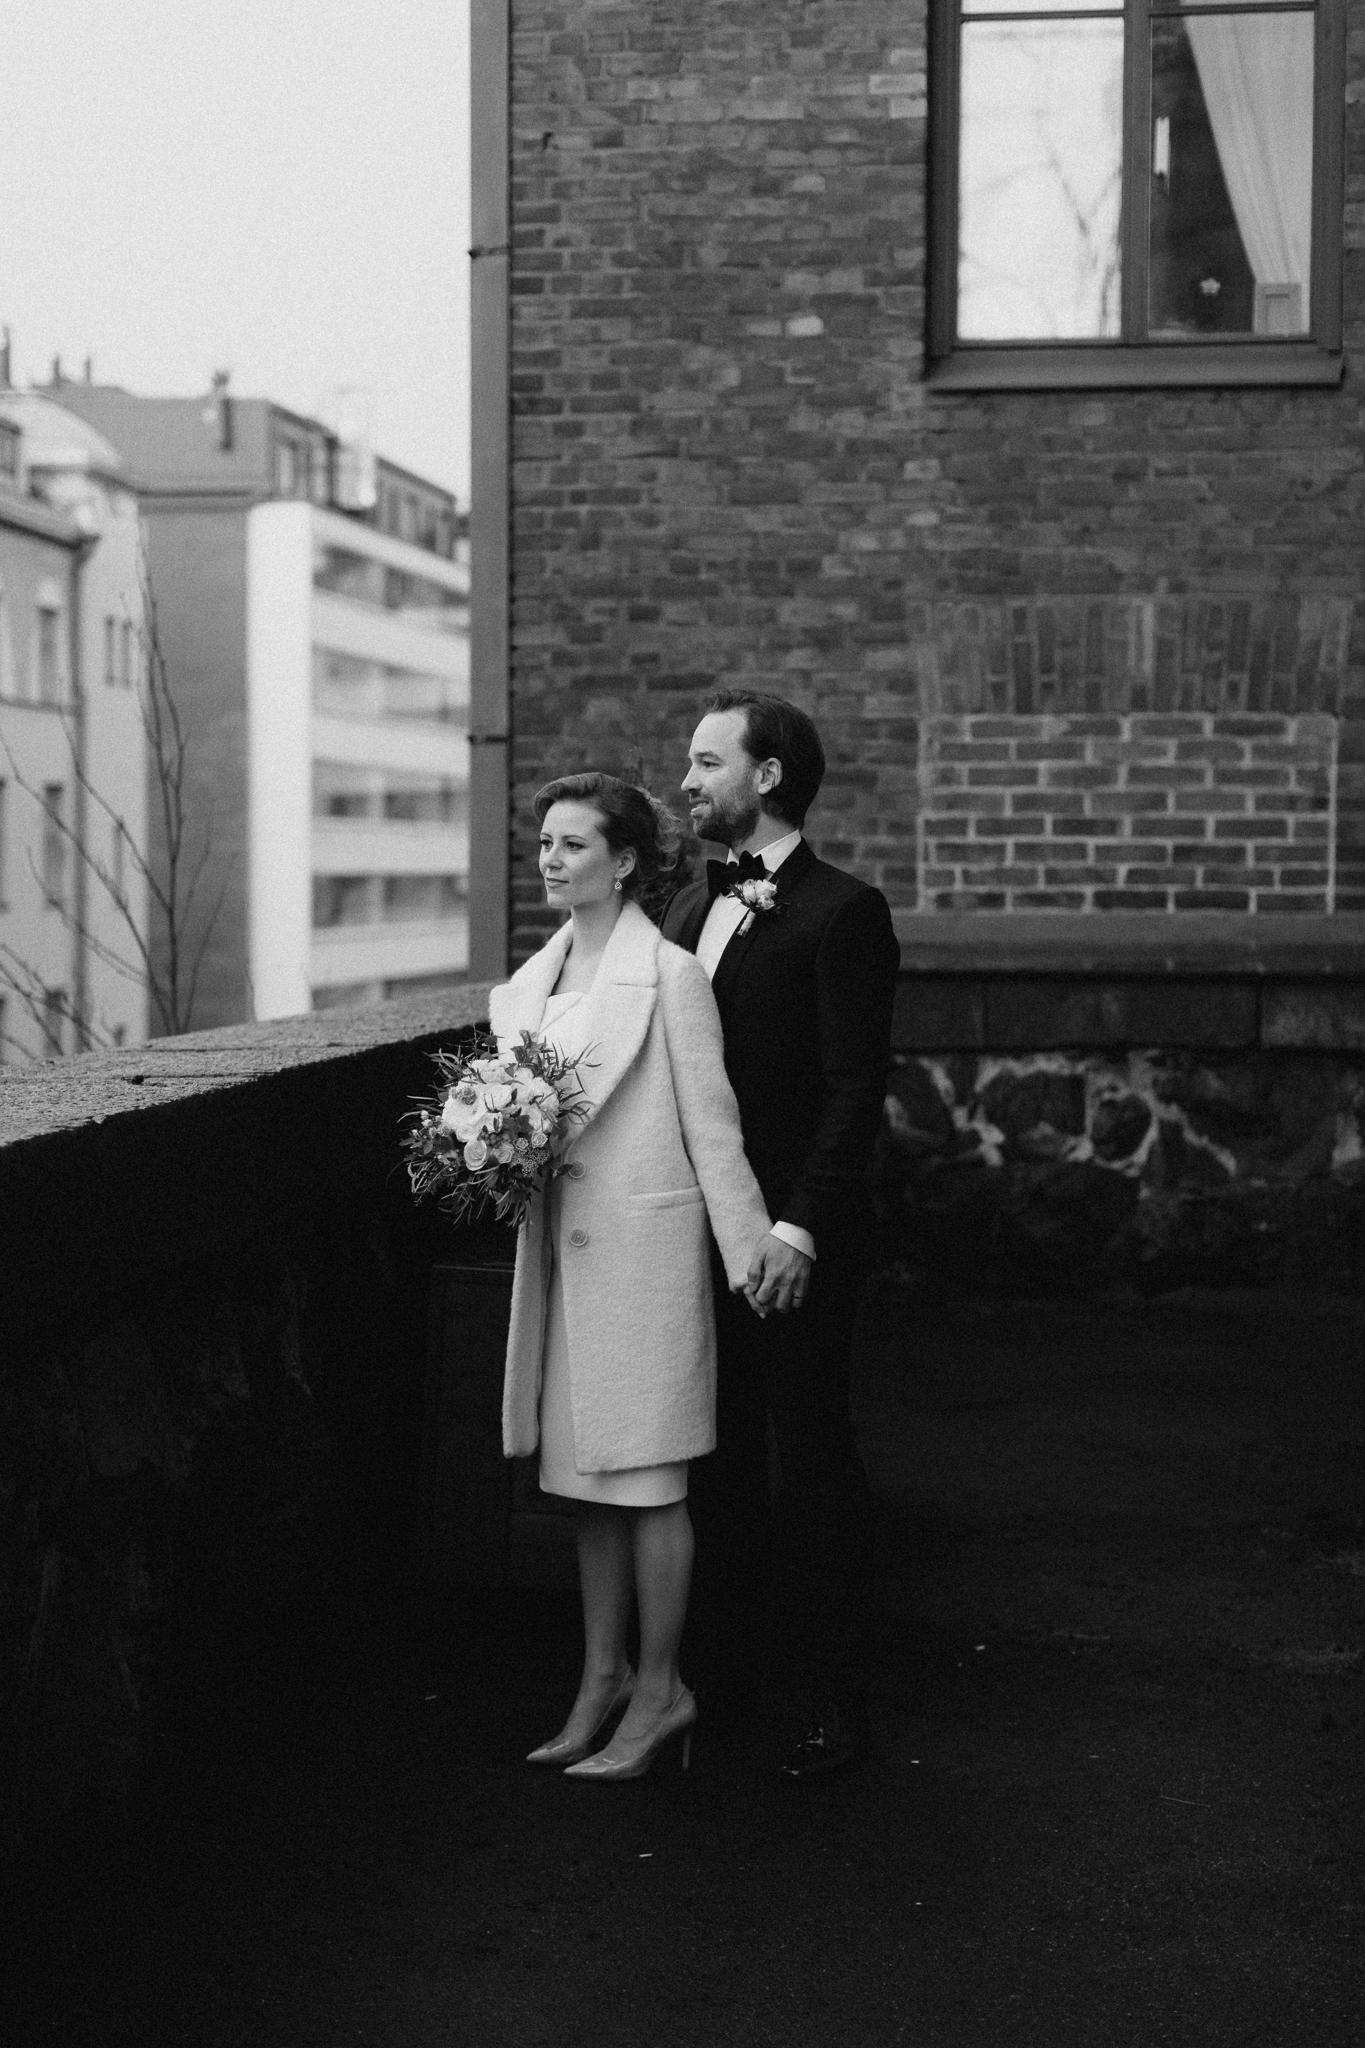 Maria + Topi | Photo by Patrick Karkkolainen Wedding Photographer | Helsinki Wedding Photographer-11.jpg